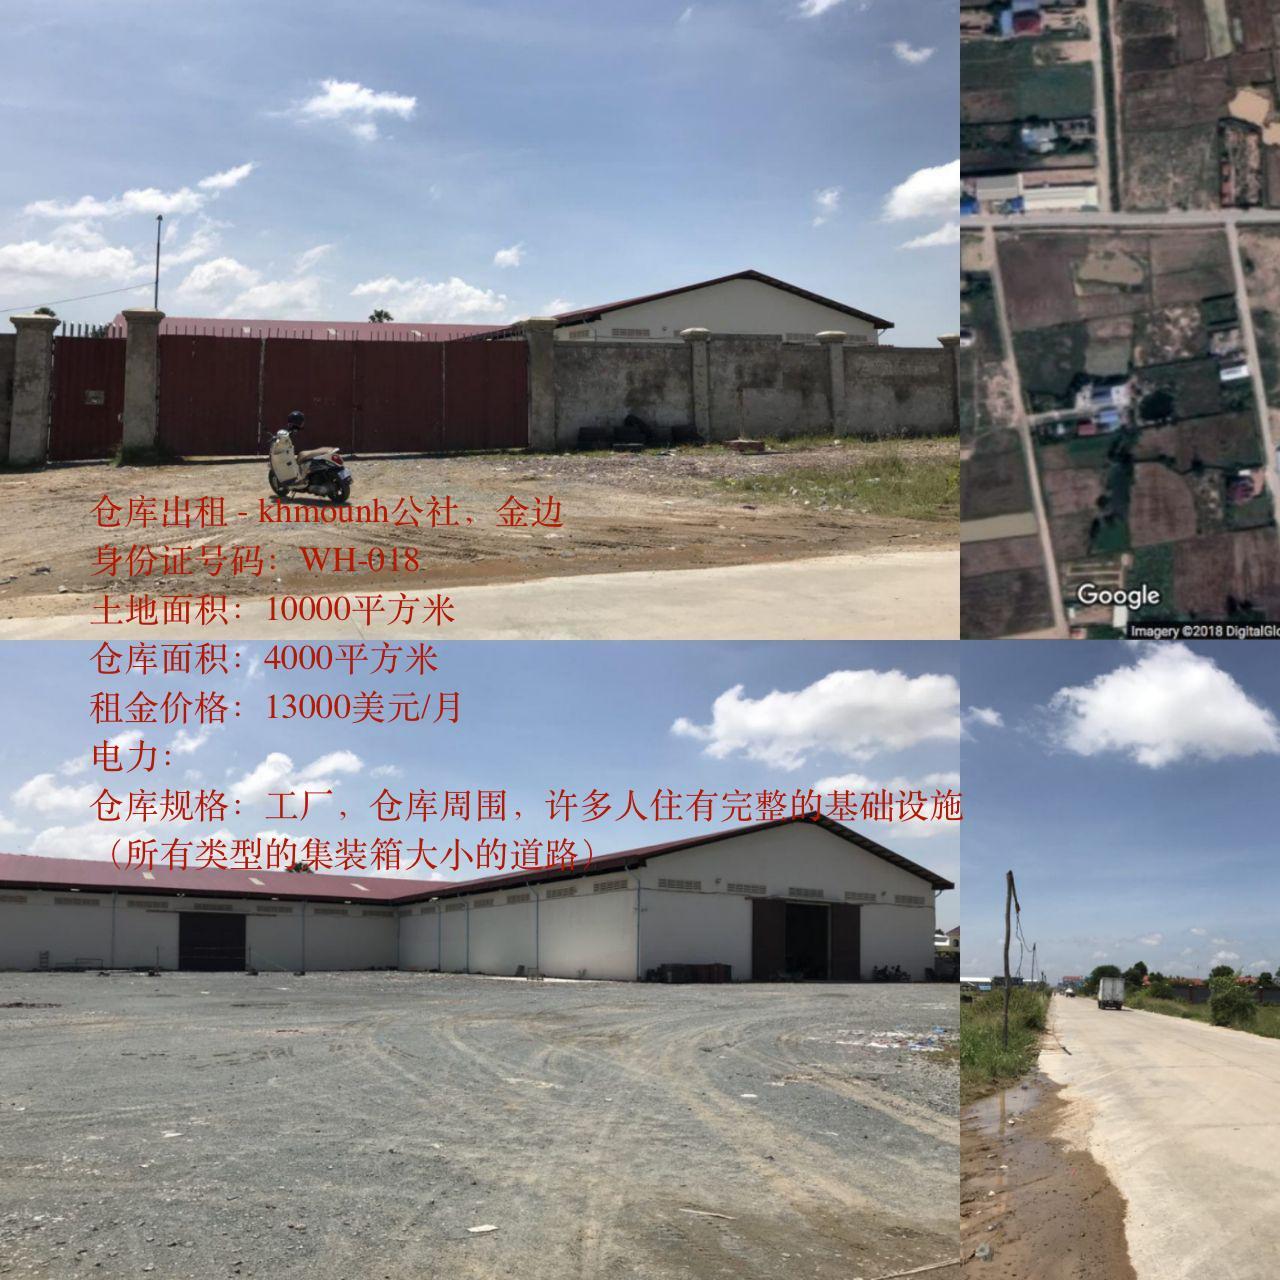 仓库出租-4000平方米-13000美元/月- khmounh公社,金边